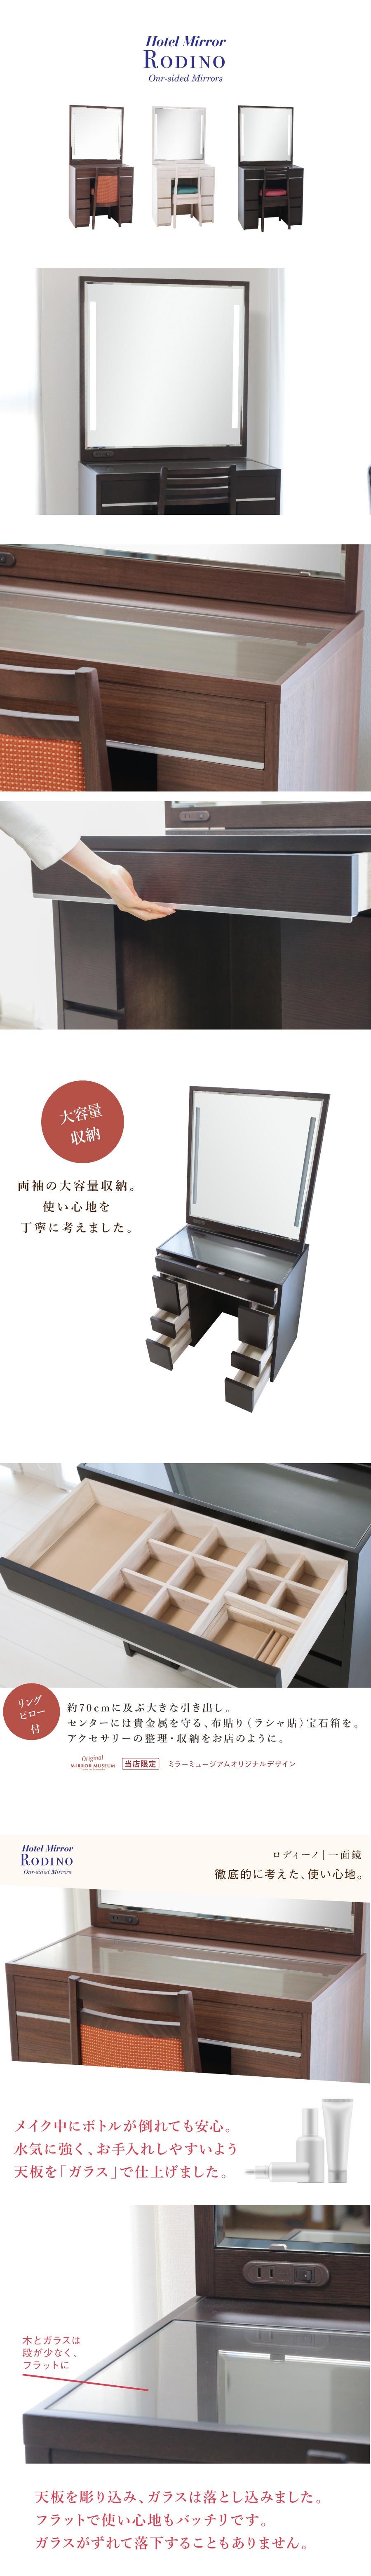 ドレッサーモダンライト付き一面鏡